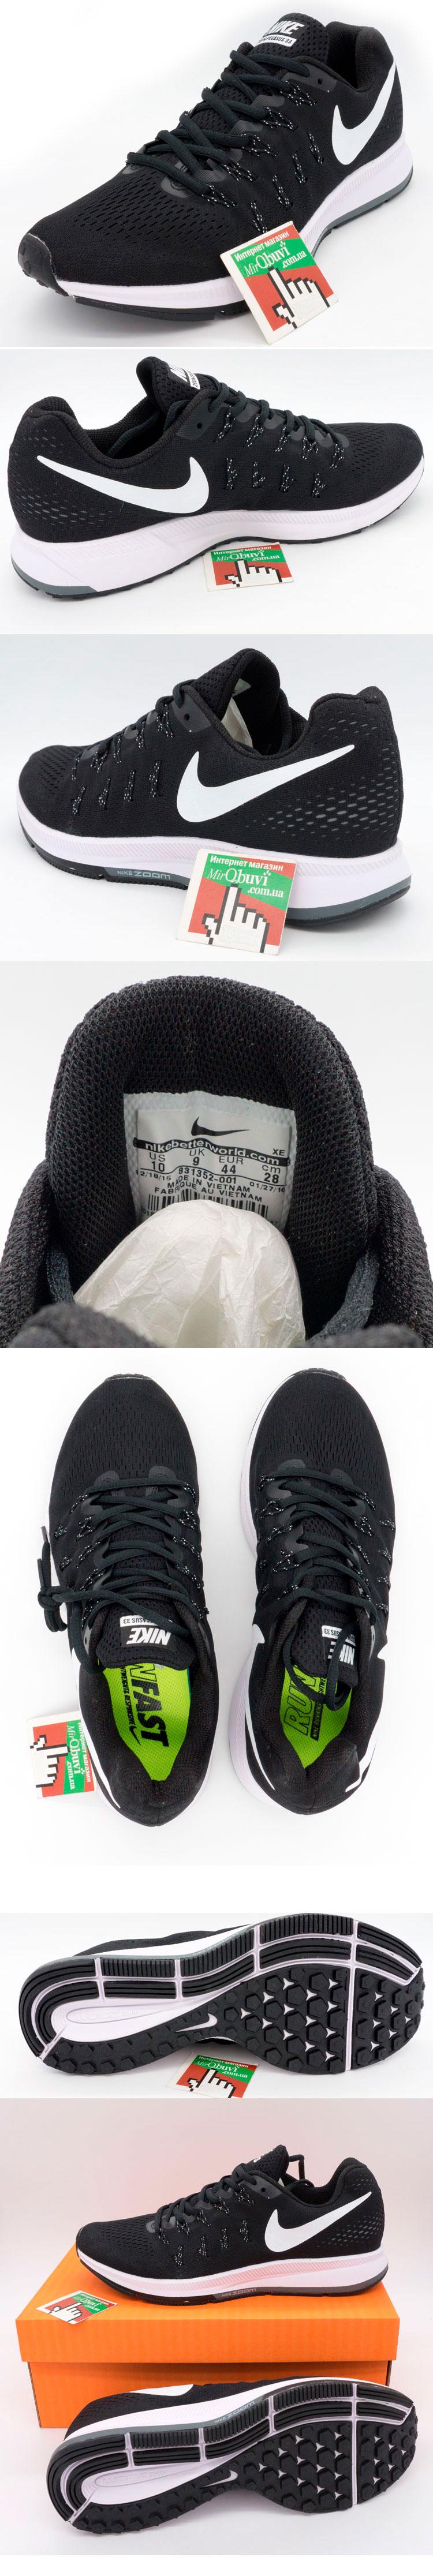 большое фото №5 Кроссовки для бега Nike Zoom Pegasus 33 черно-белые. Топ качество!